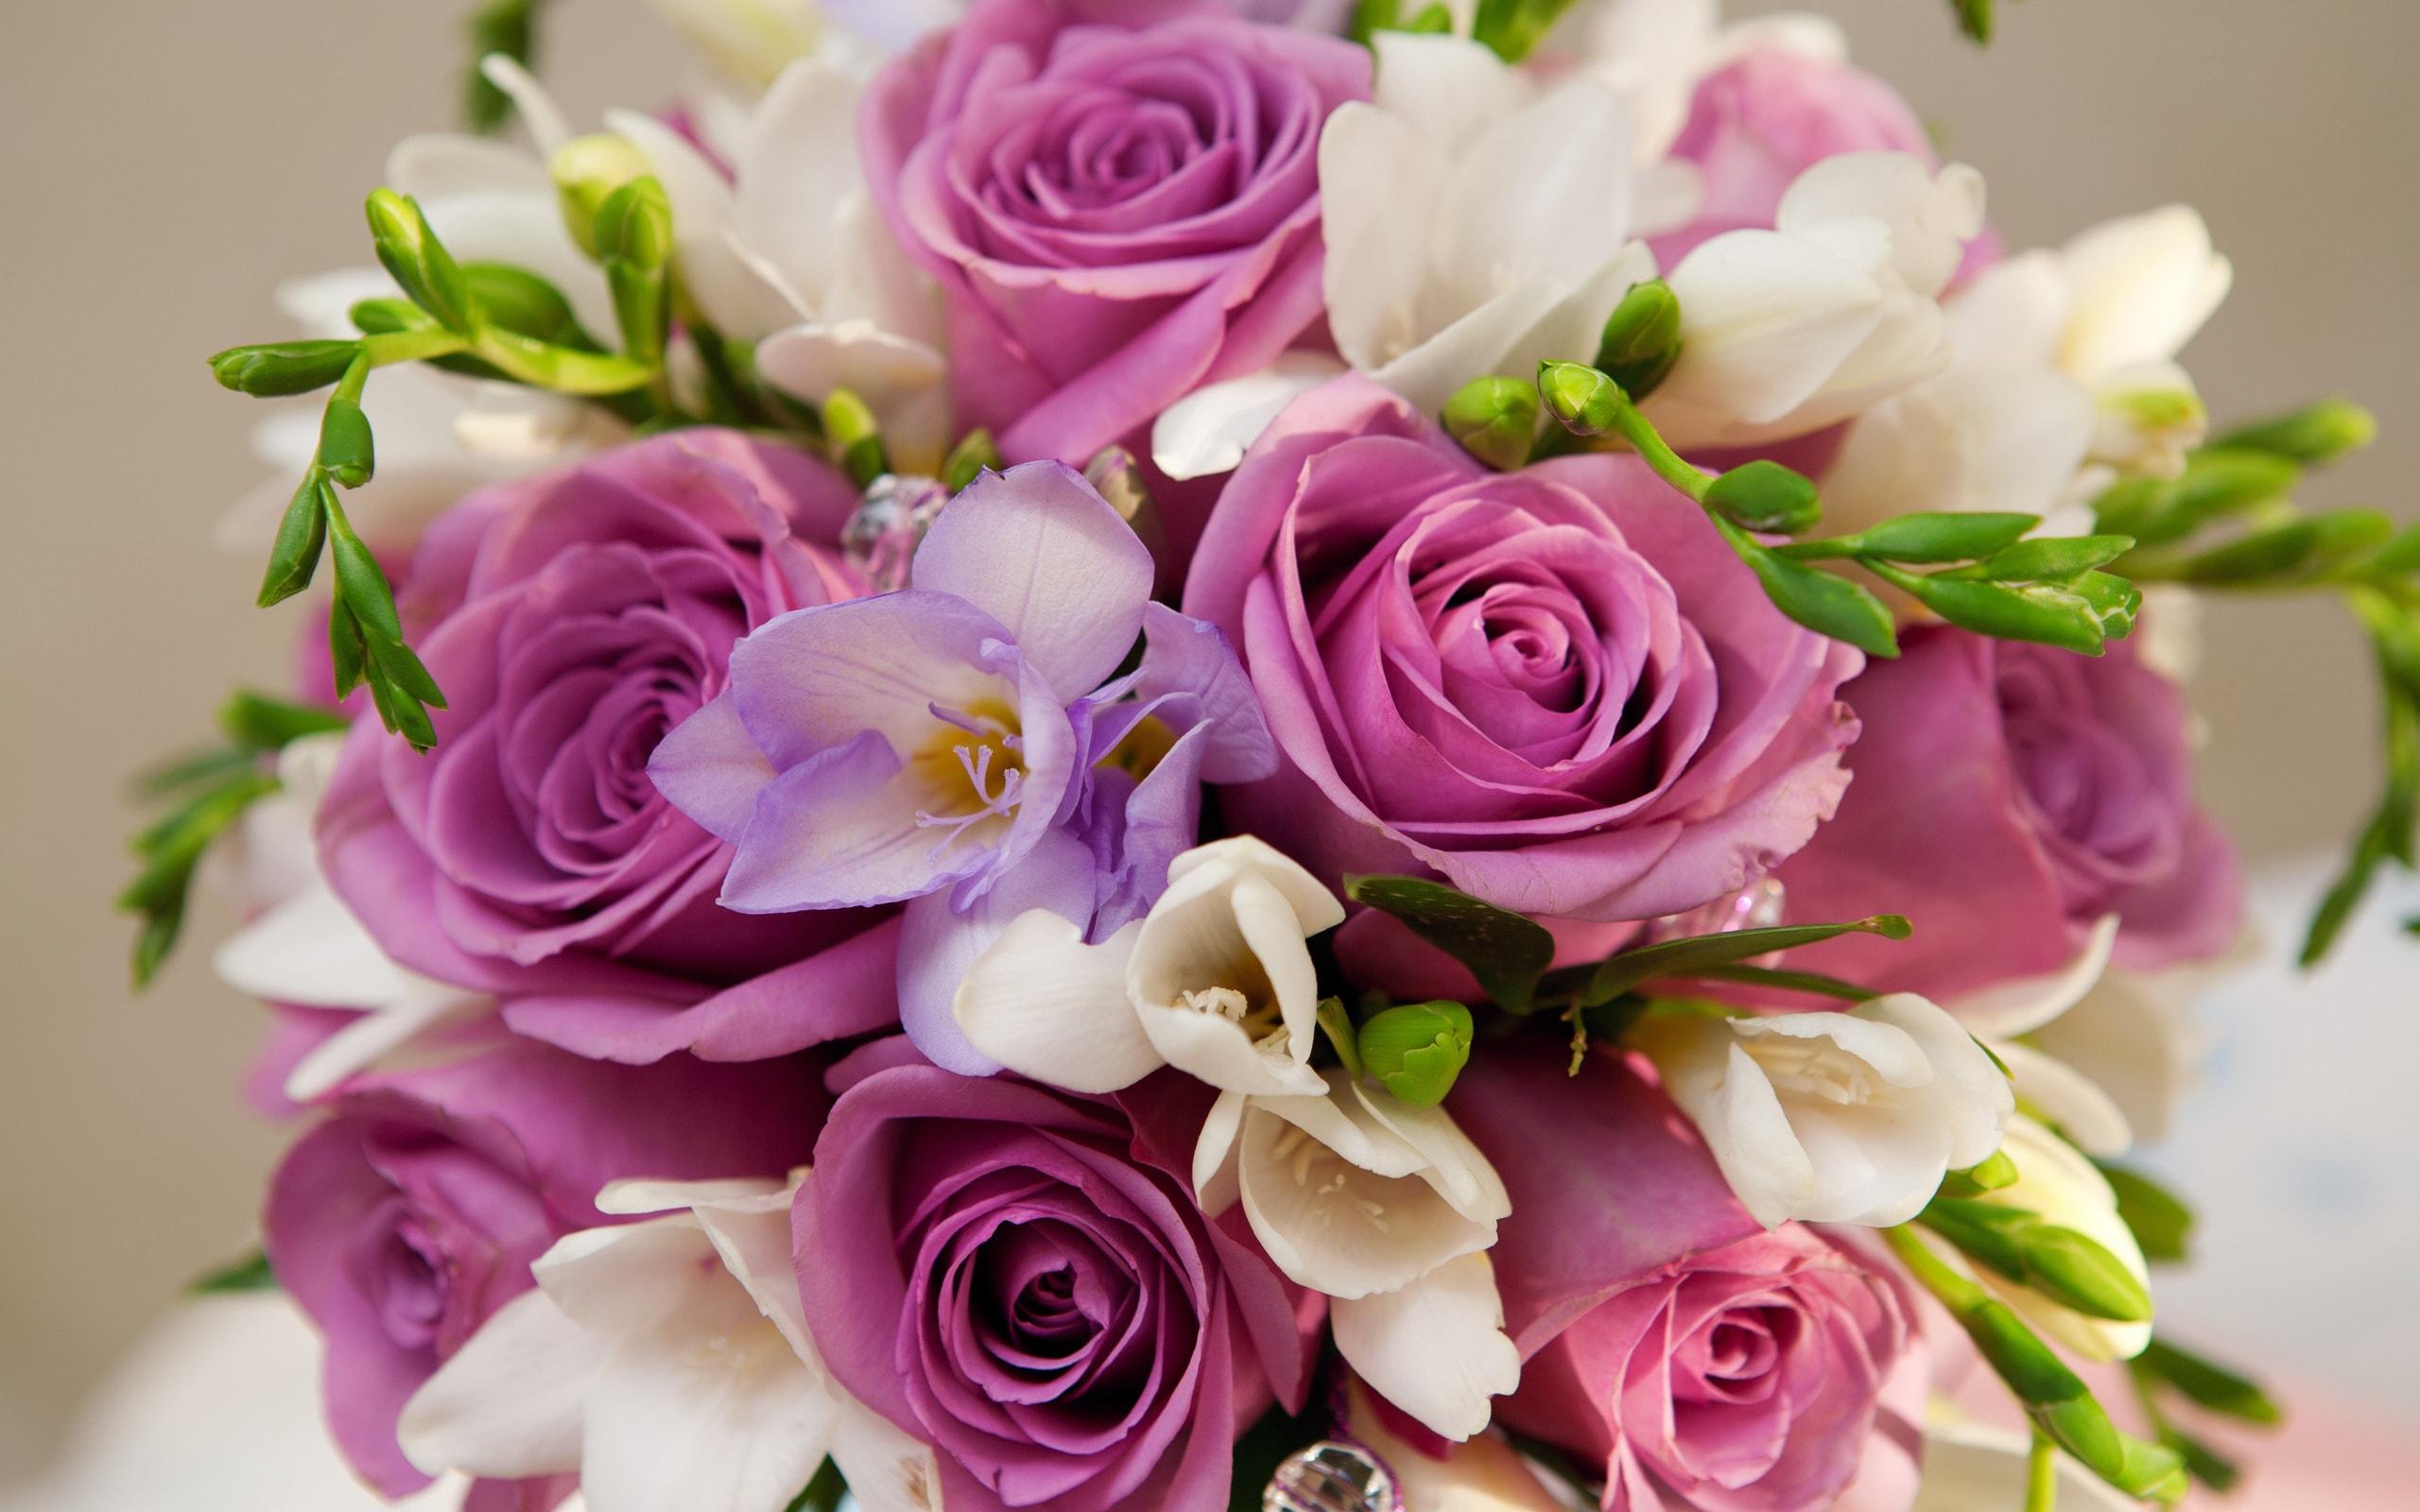 Розы Чайногибридные сорта и фото